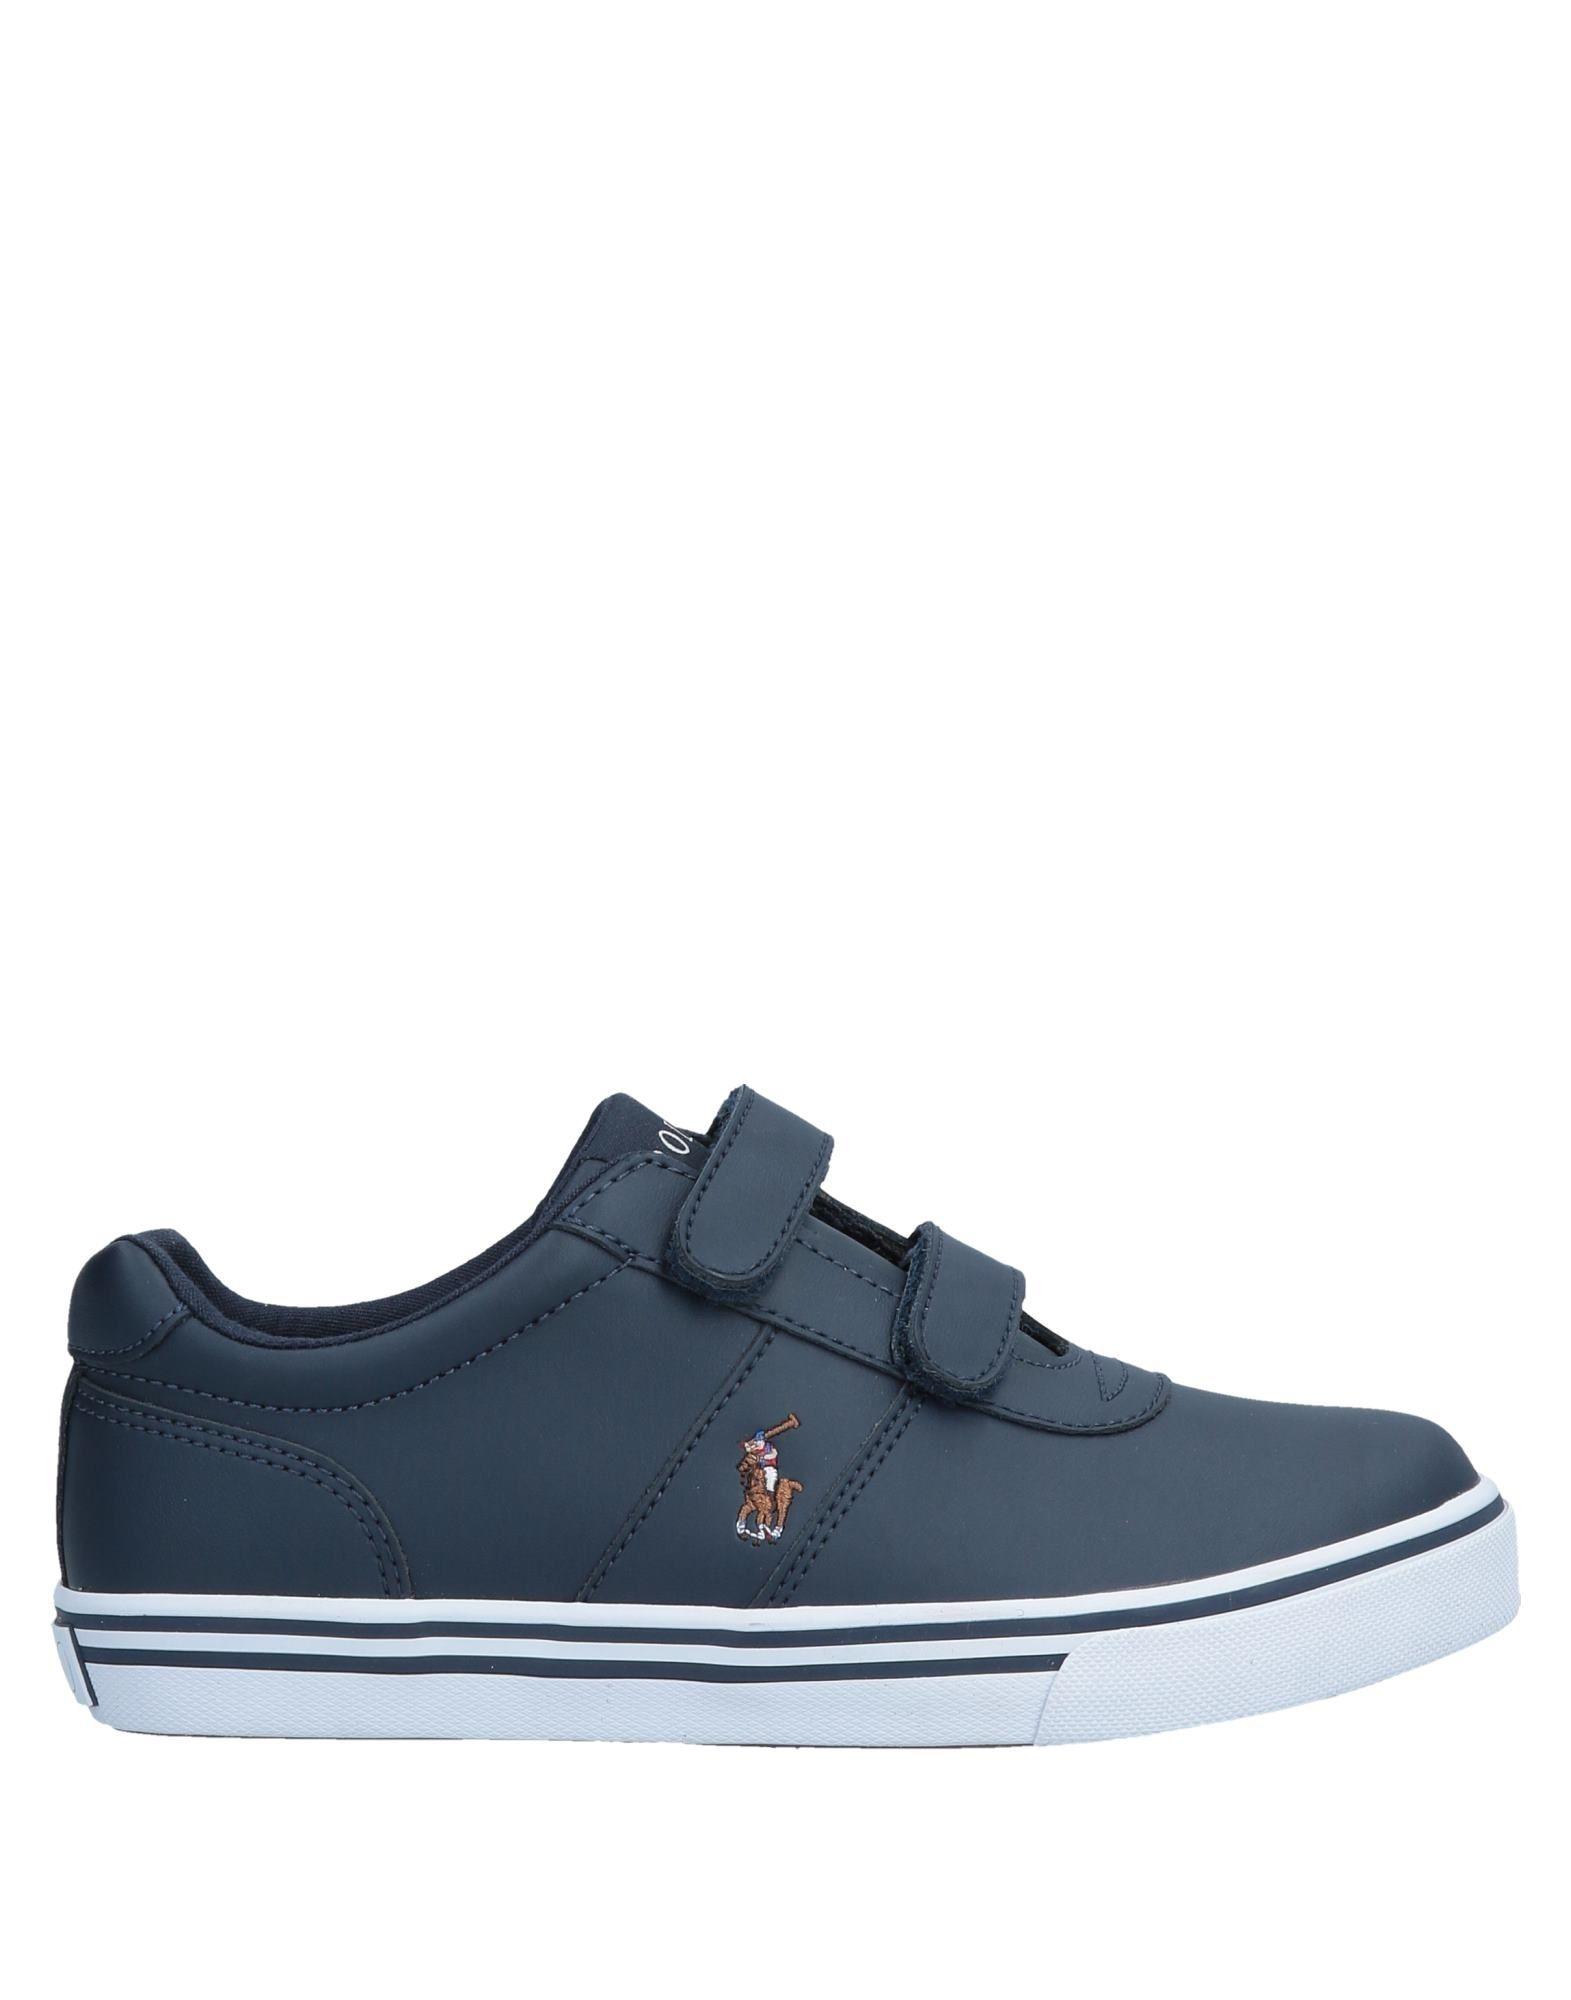 Ralph Lauren Sneakers SNEAKERS